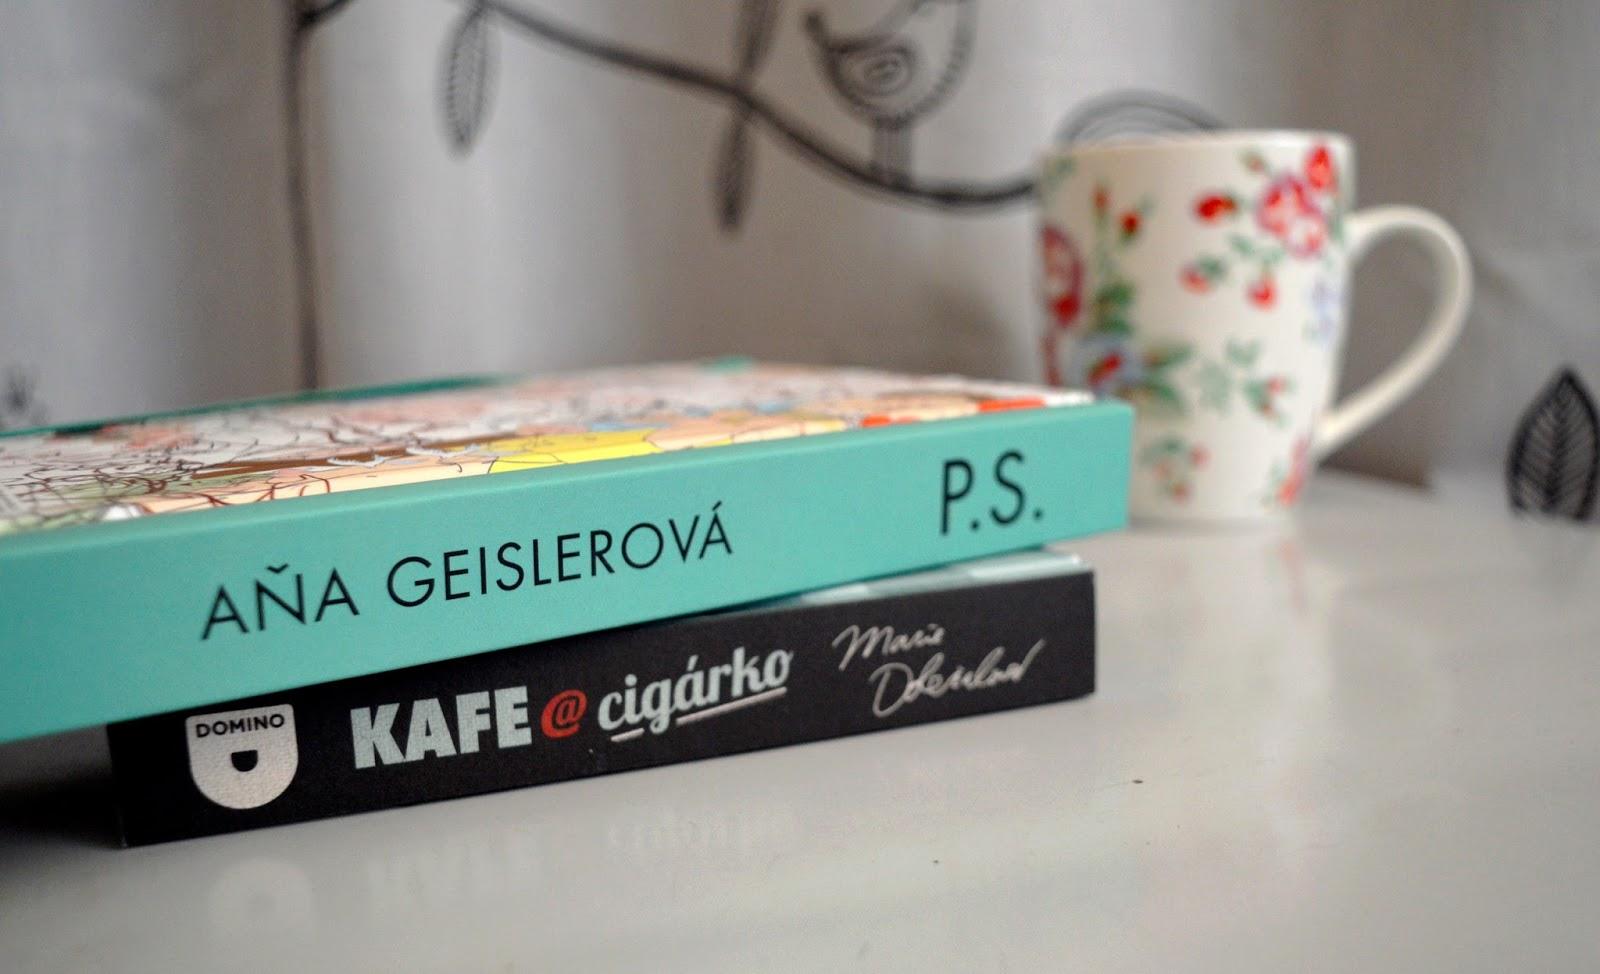 Aňa Geislerová - P.S. - před několika lety jsem si kupovala ELLE  pravidelně f85b69c0859